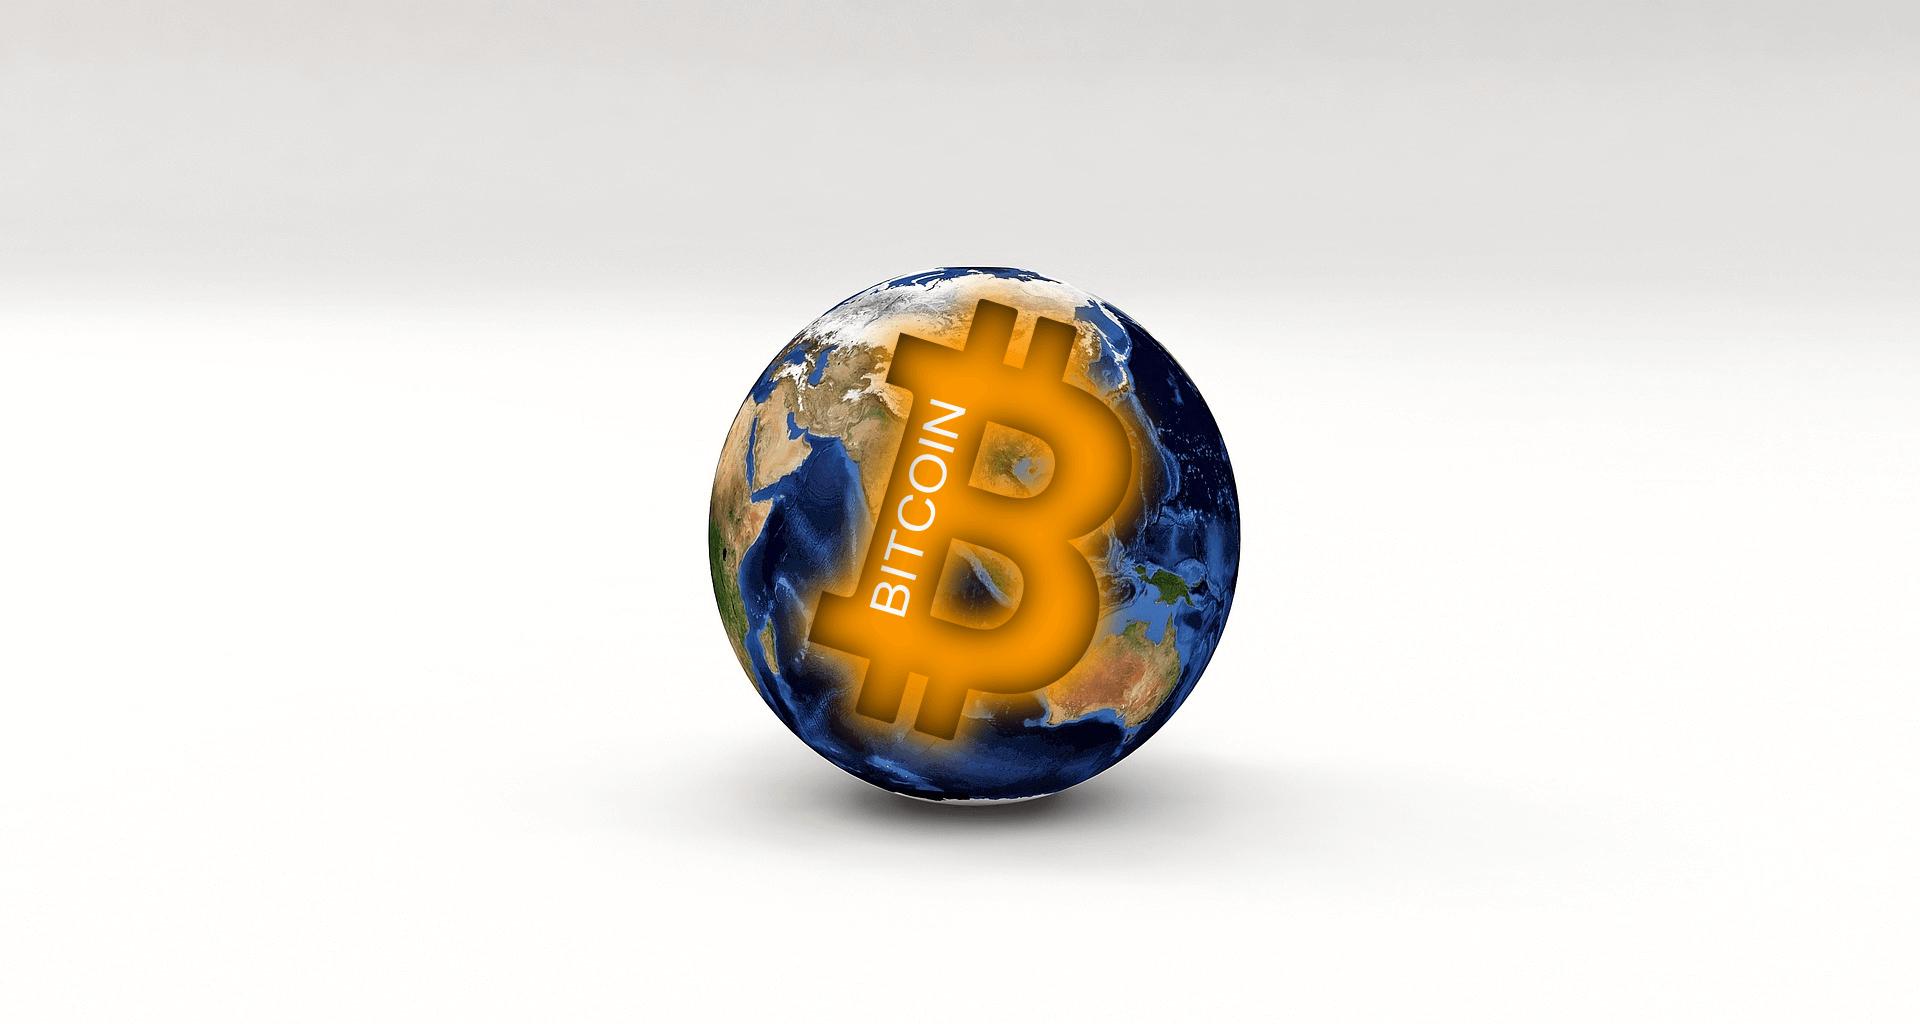 世界共通通貨イメージ画像